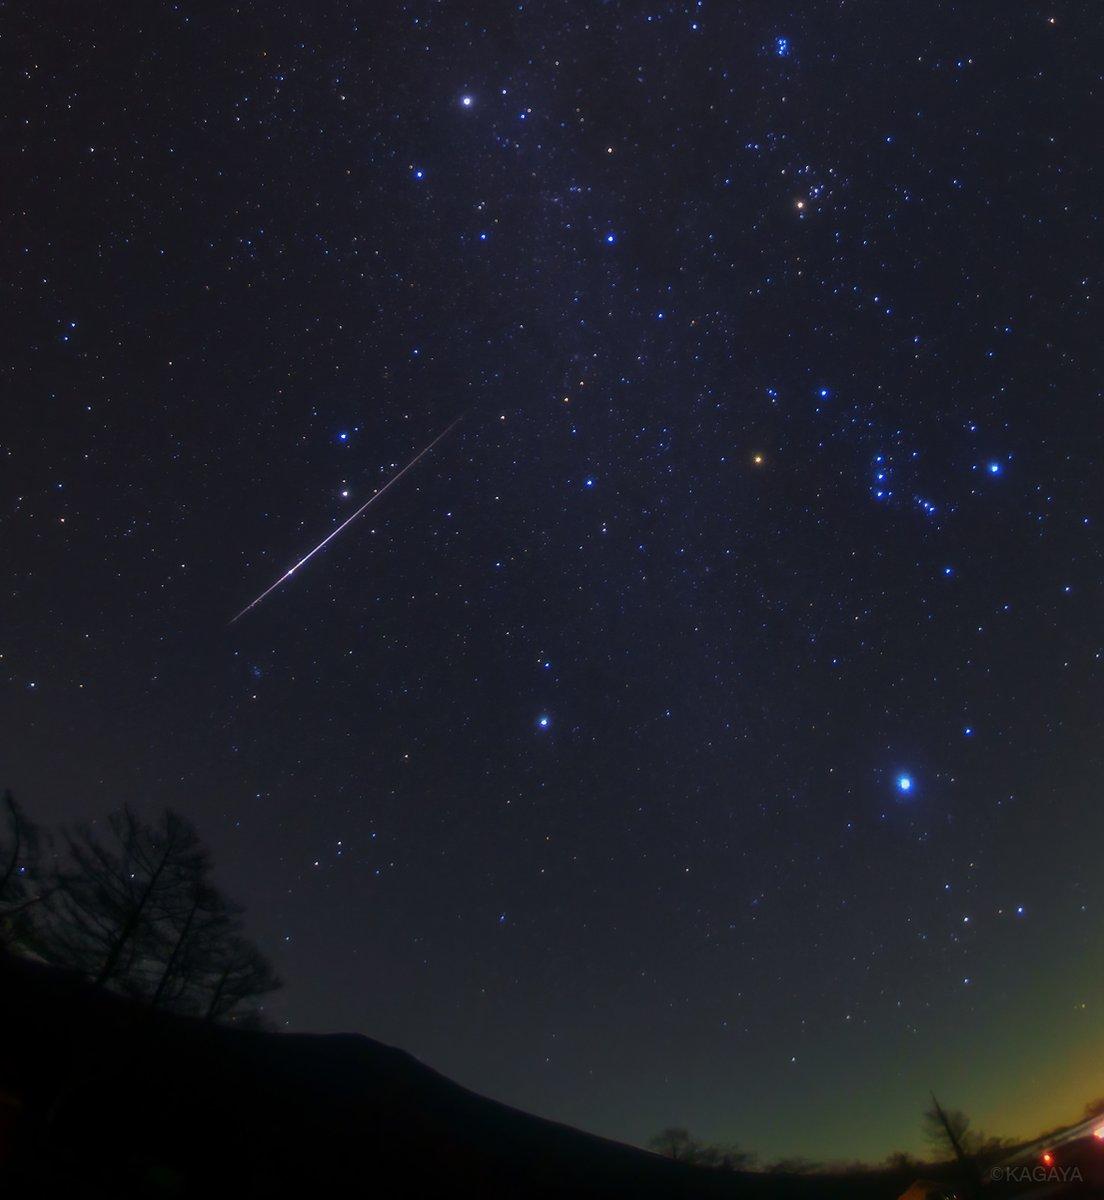 冬のダイヤモンドからこぼれ落ちるように明るい流れ星。 (本日未明撮影) 冬の大六角形は冬のダイヤモンドともいわれます。 この流れ星は写真右上のおうし座の方向から流れましたので、おそらくおうし座流星群です。 火の粉をちらすようにゆうゆうと流れていきました。